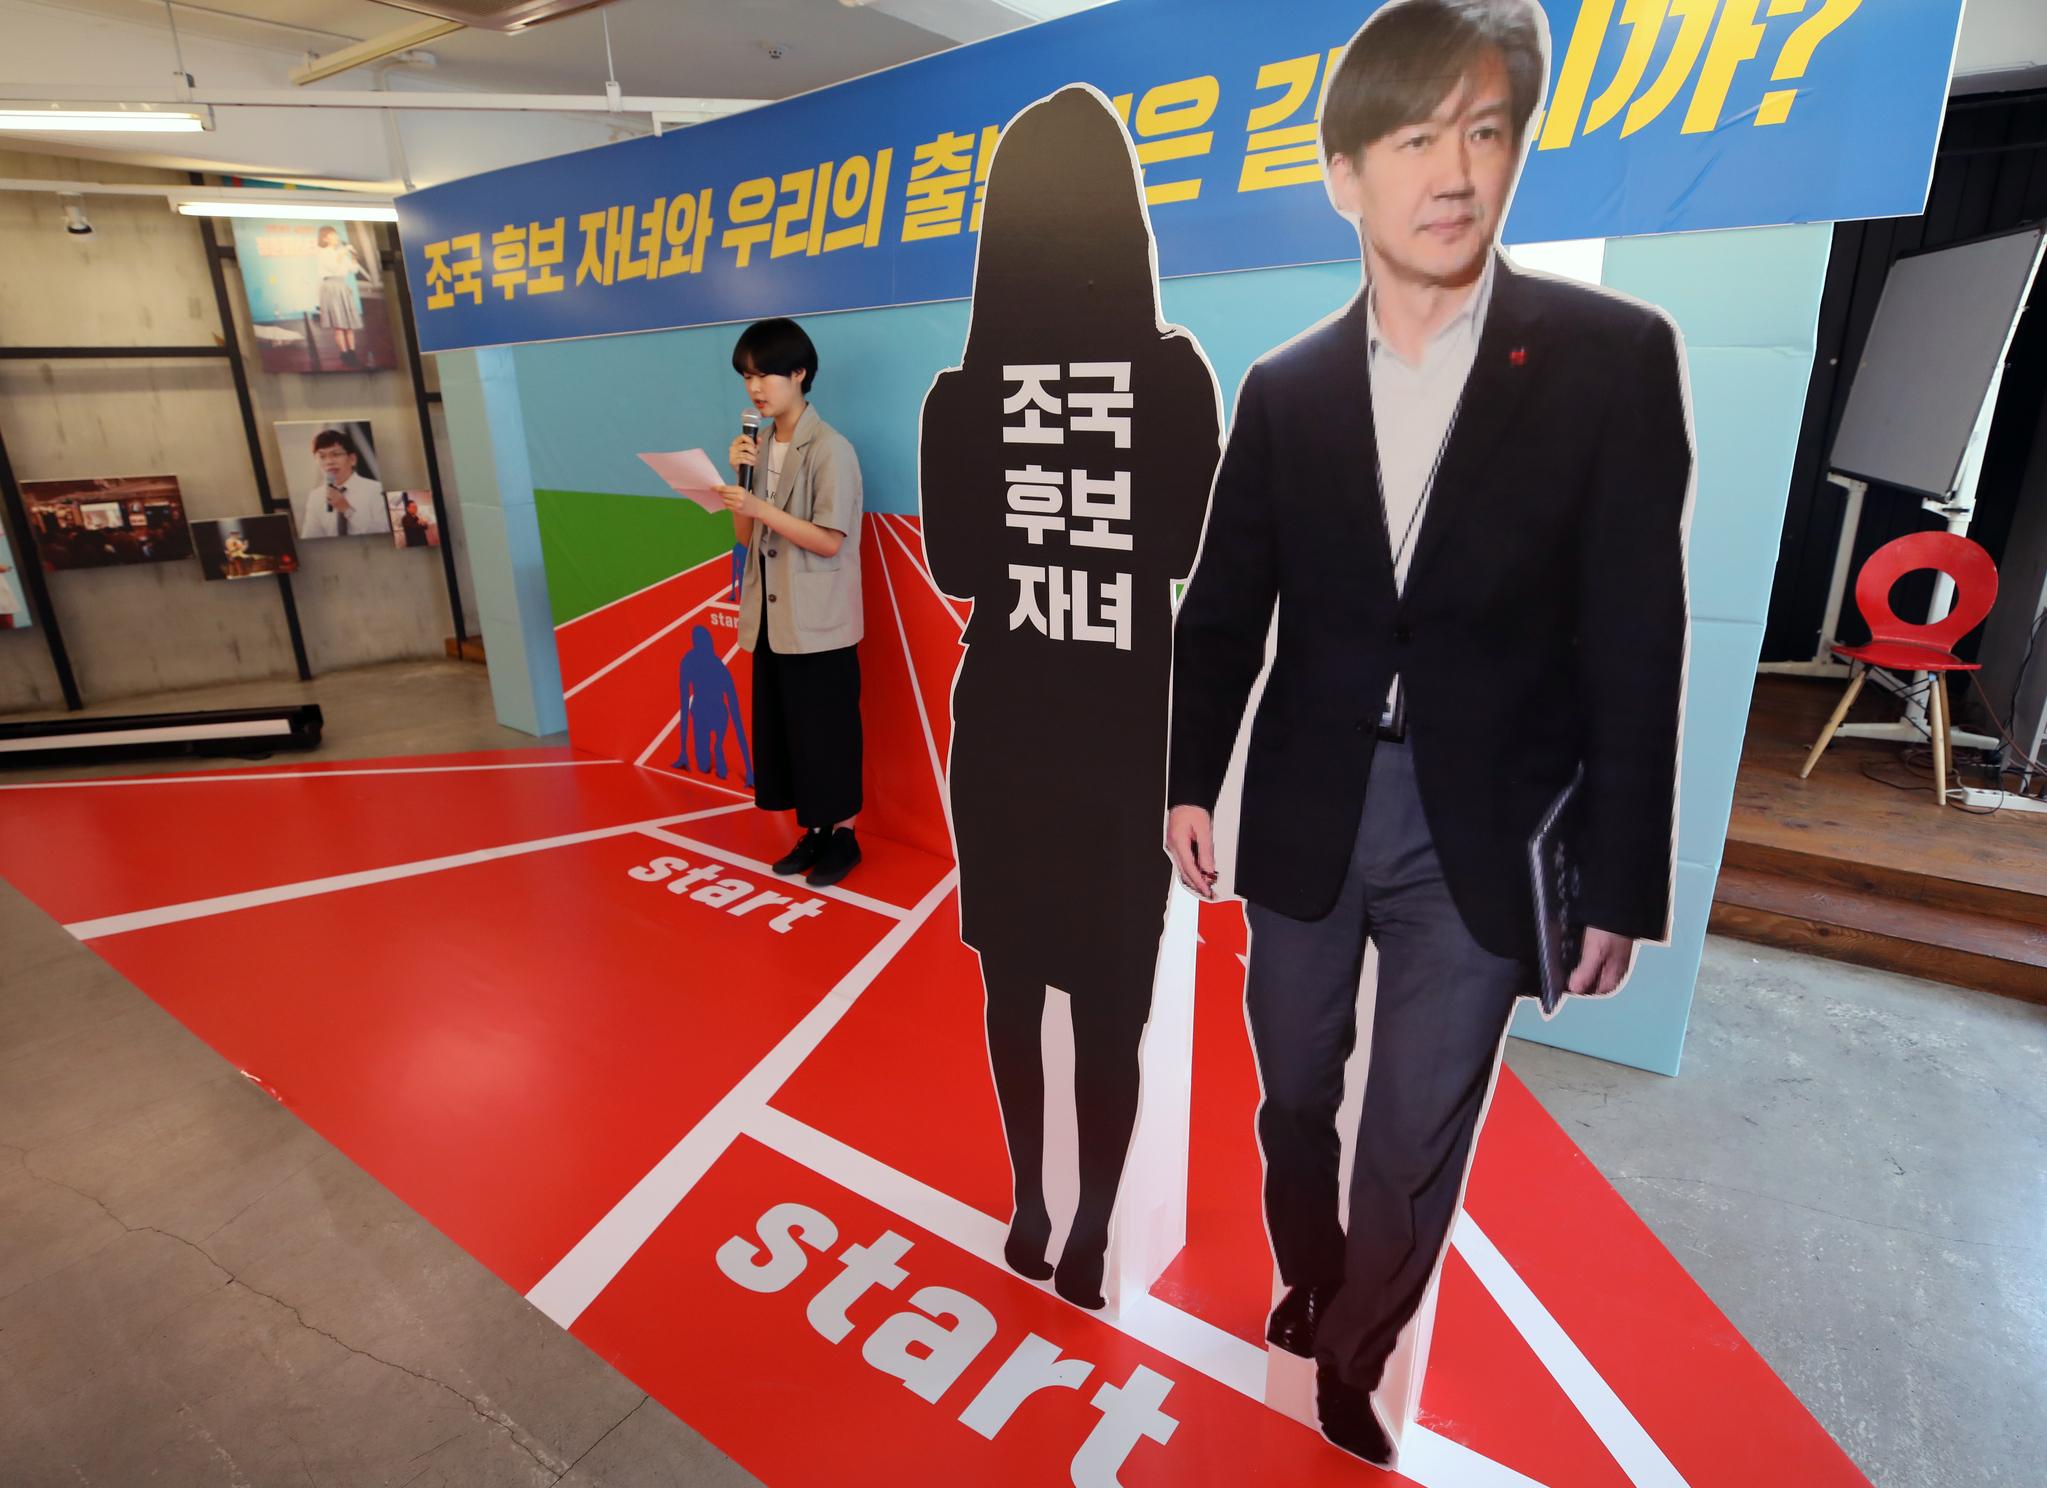 지난 8월 31일 오후 서울 종로구 마이크임팩트 스퀘어에서 청년 노동자단체 '청년전태일'이 '조국 후보 자녀와 나의 출발선은 같은가?'를 주제로 연 공개 대담회에서 참가자들이 발언을 하고 있다. 당시 조 후보자는 이들의 참석요구에 응하지않았다. [뉴스1]